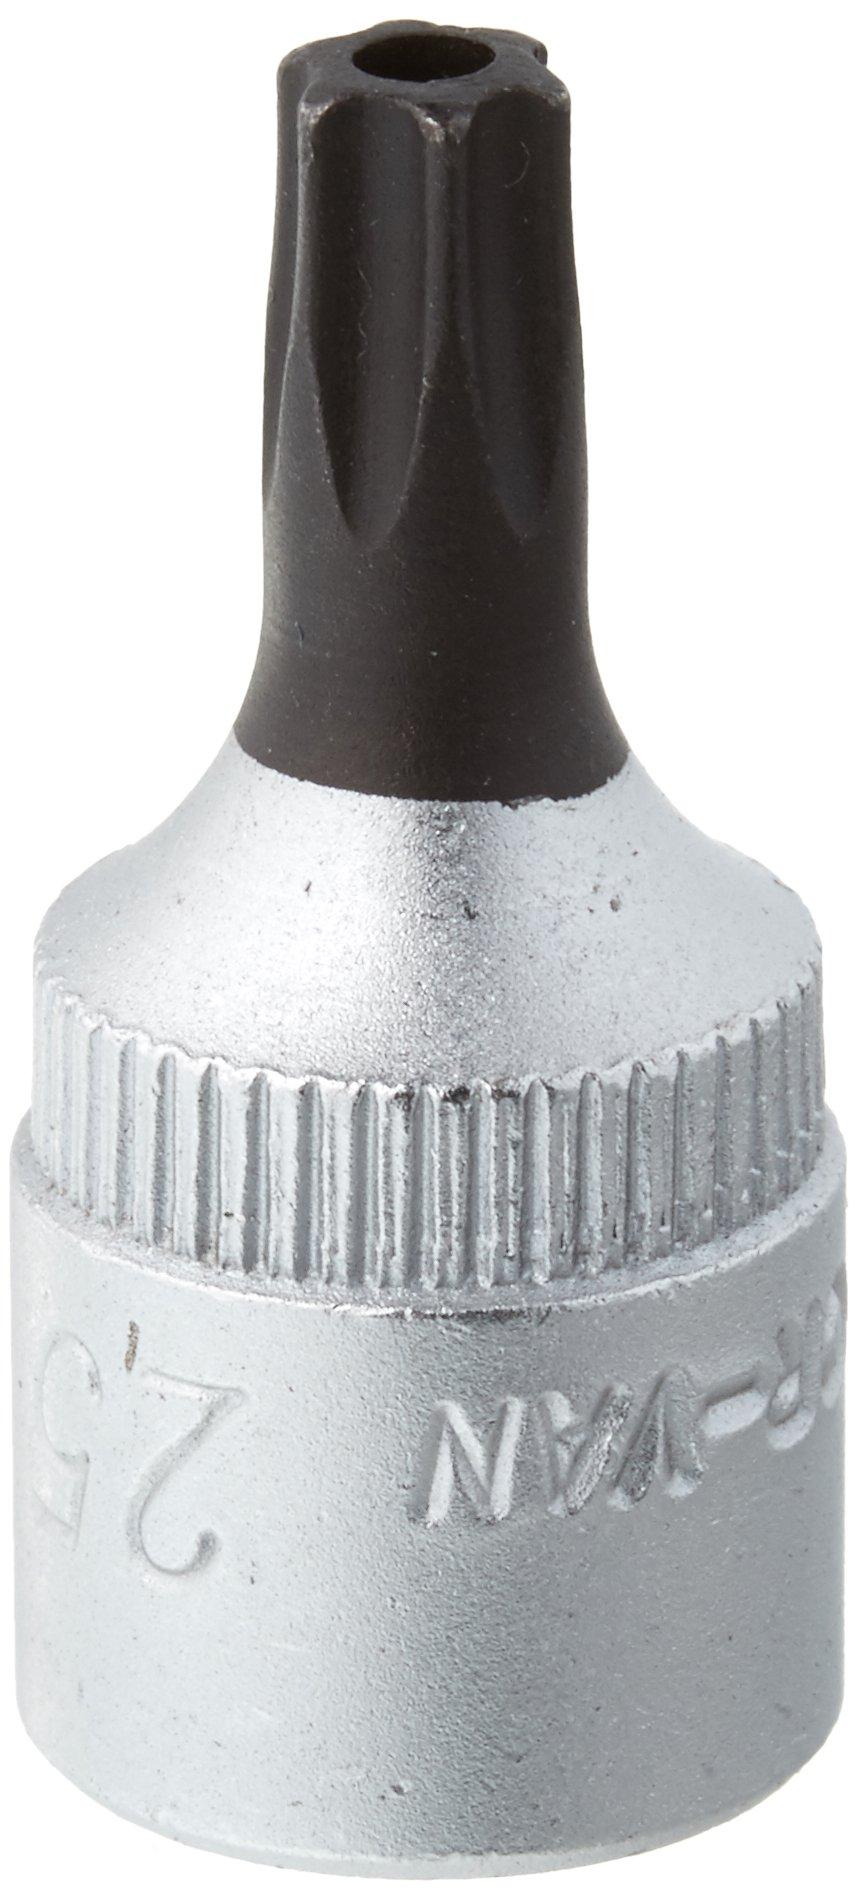 Elora 3243010252000 Screwdriver socket 1/4'' for TORX safety screws Size 25